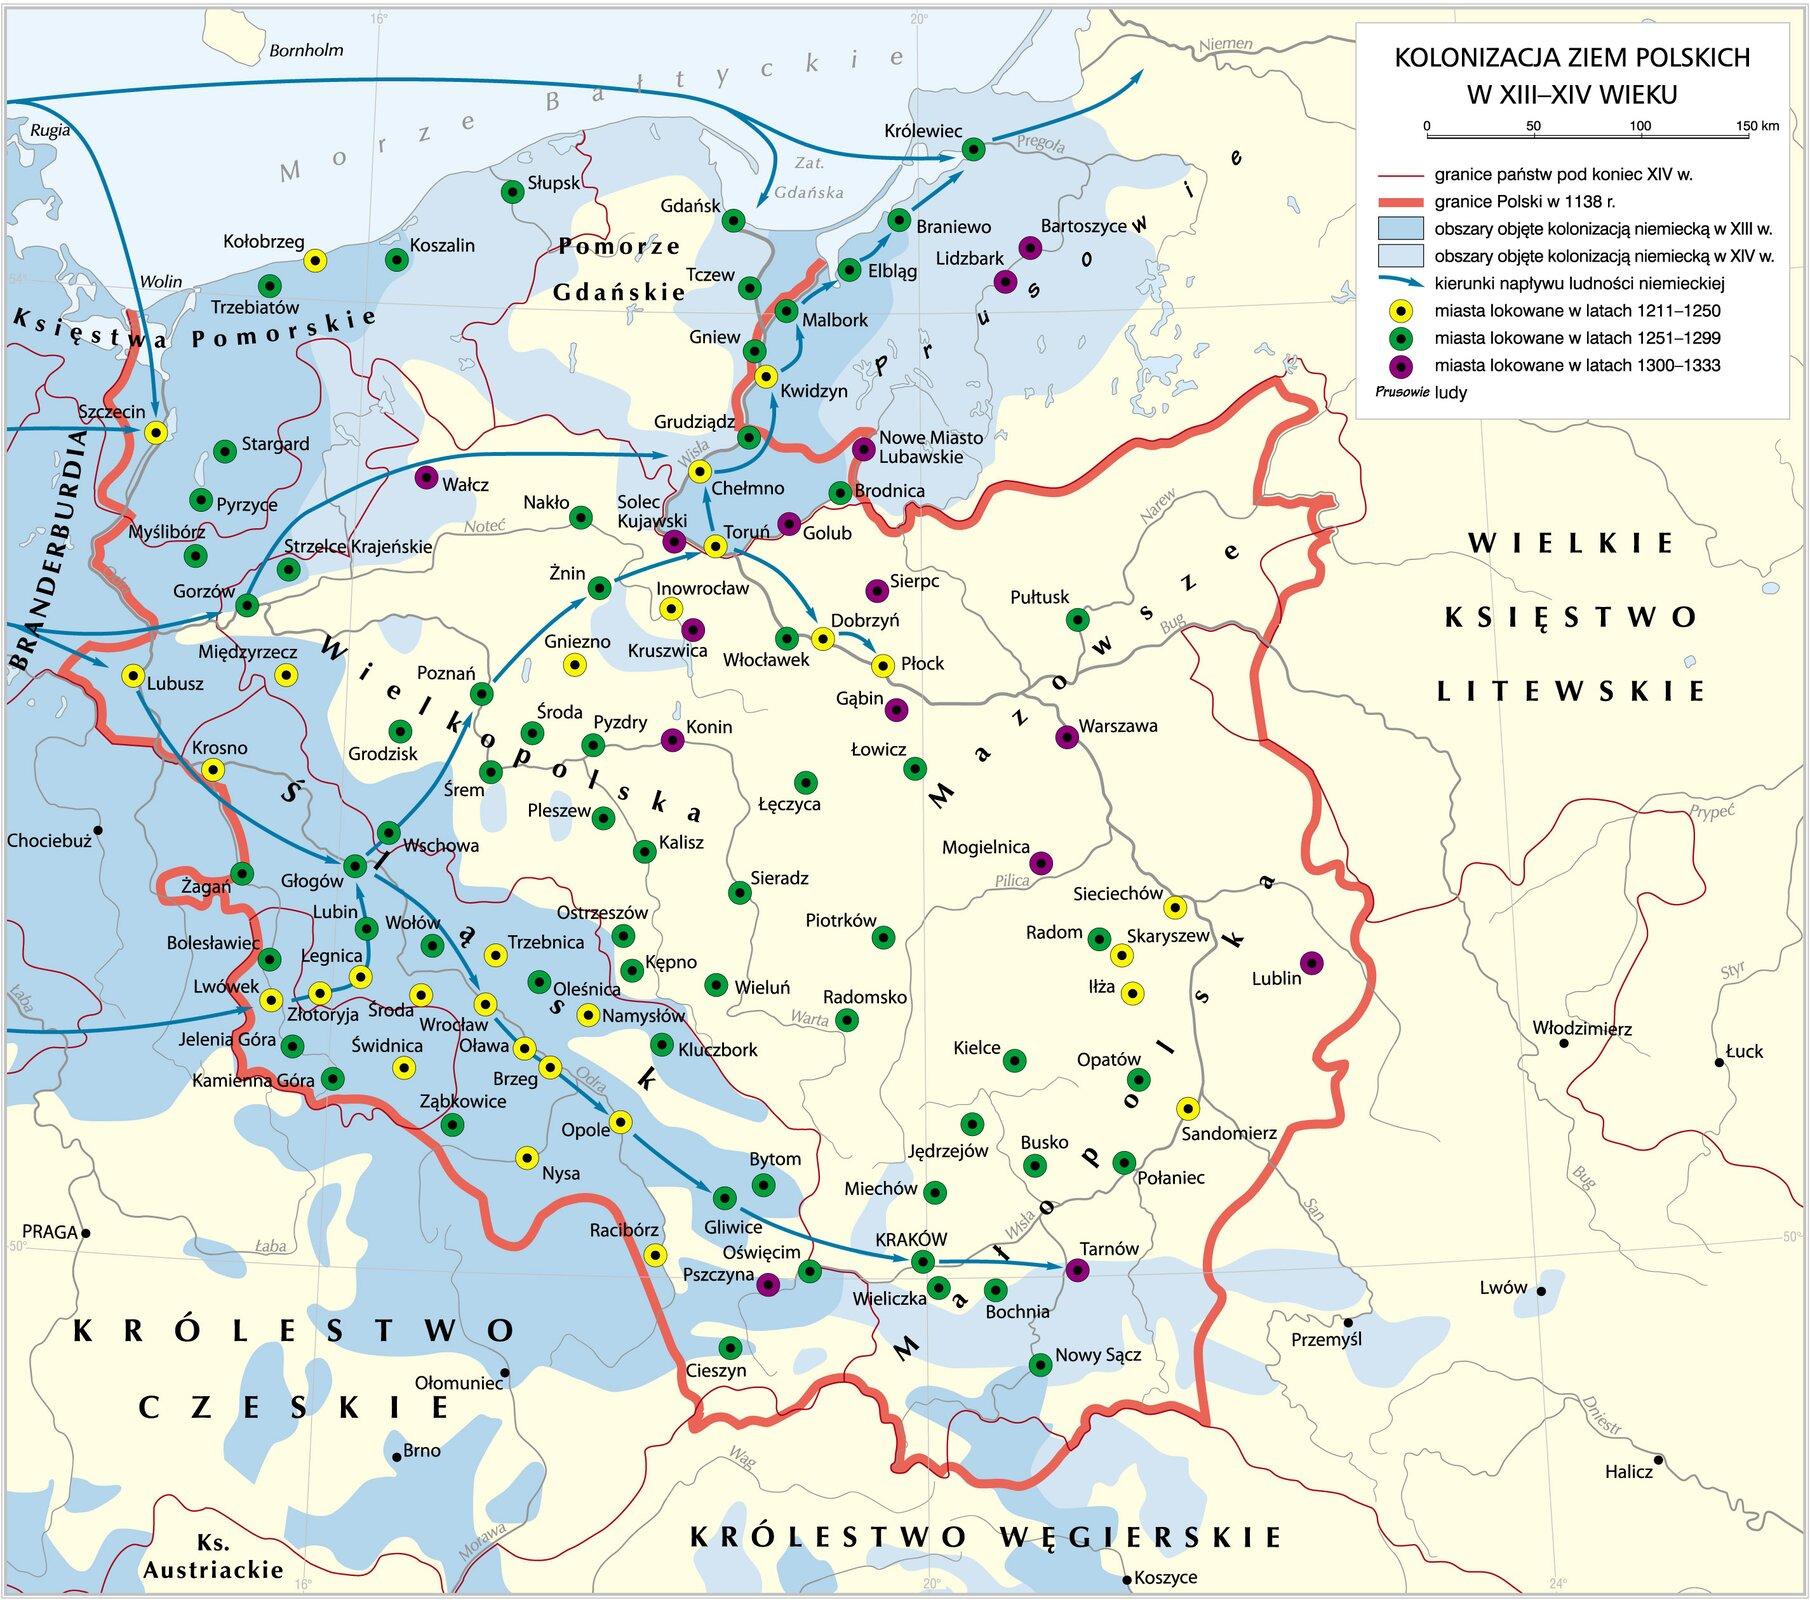 Kolonizacja na prawie niemieckim do 1333 r. Kolonizacja na prawie niemieckim do 1333 r. Źródło: Krystian Chariza izespół, licencja: CC BY 4.0.